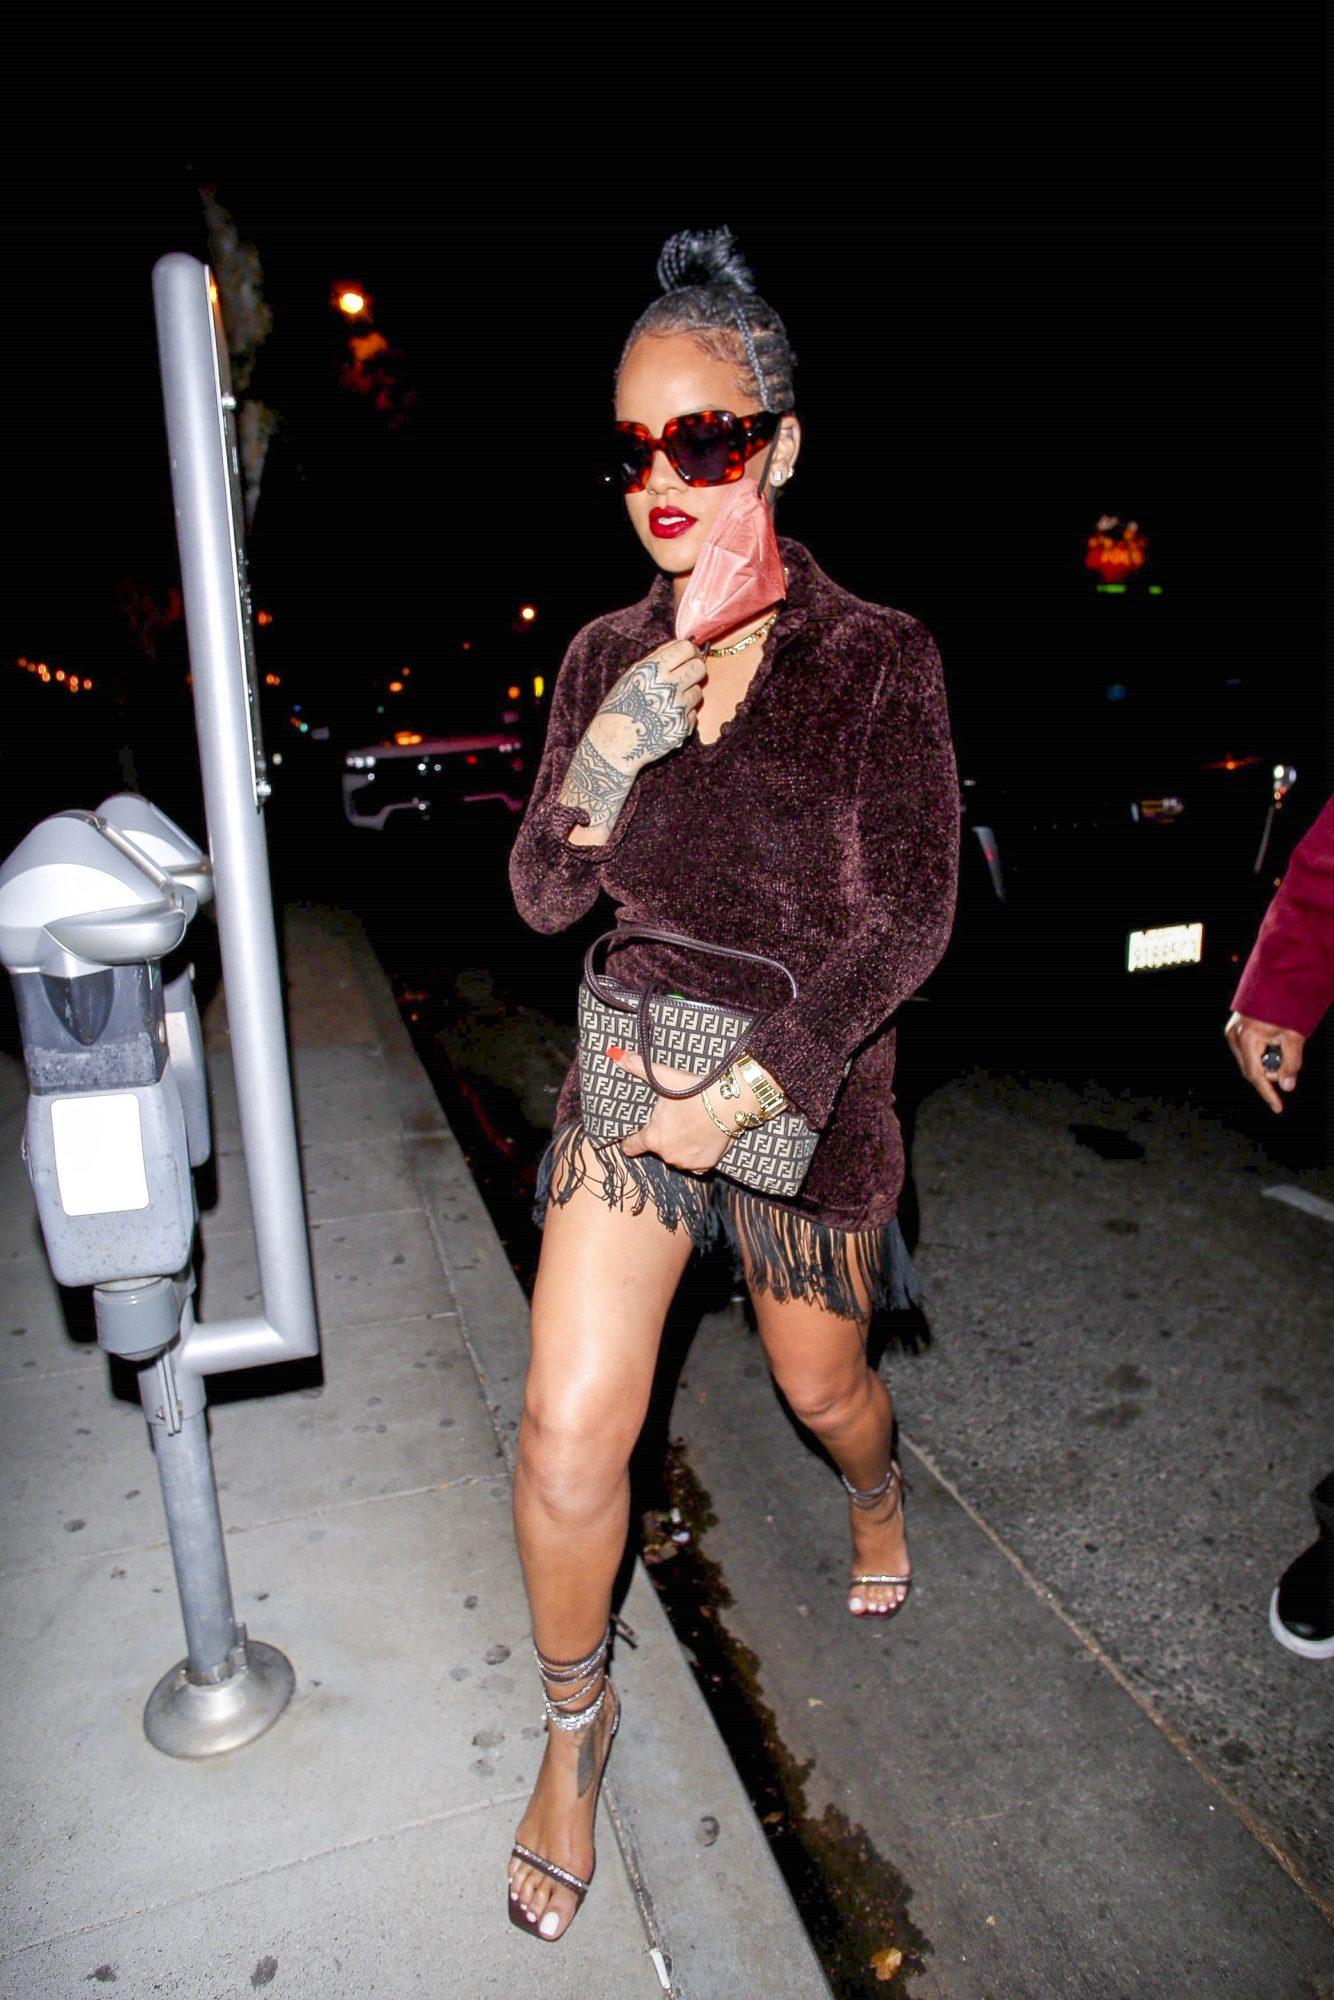 La cantante salió a cenar con este look de minivestido marrón con flecos y sandalias atadas al tobillo.